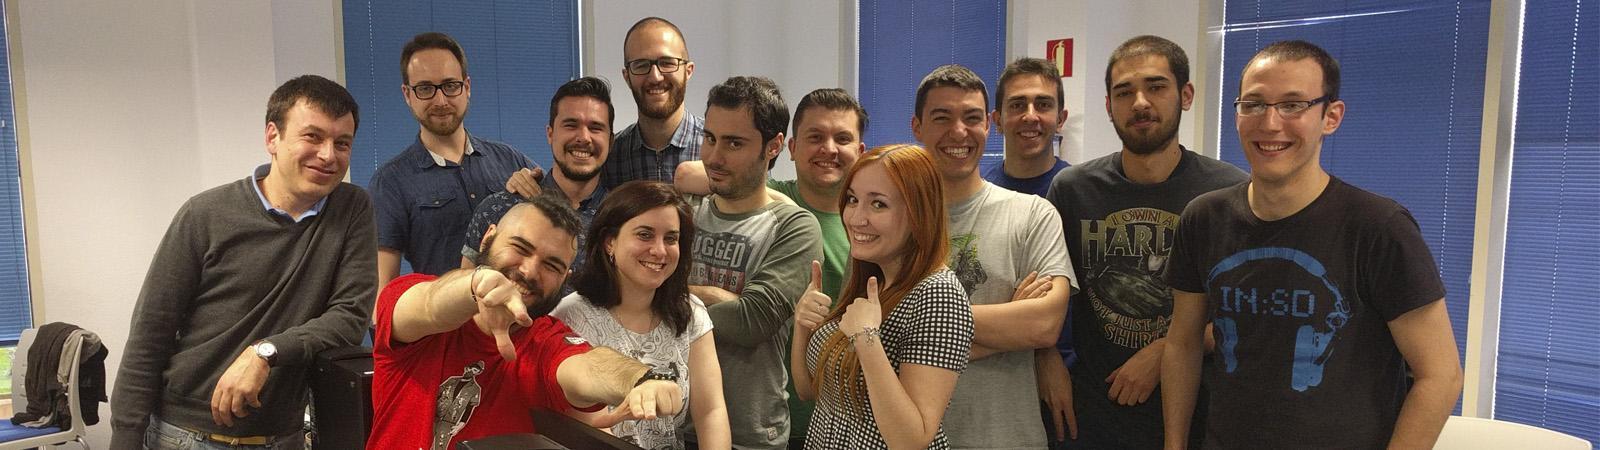 U-tad Seamantis Games 01 Cabecera